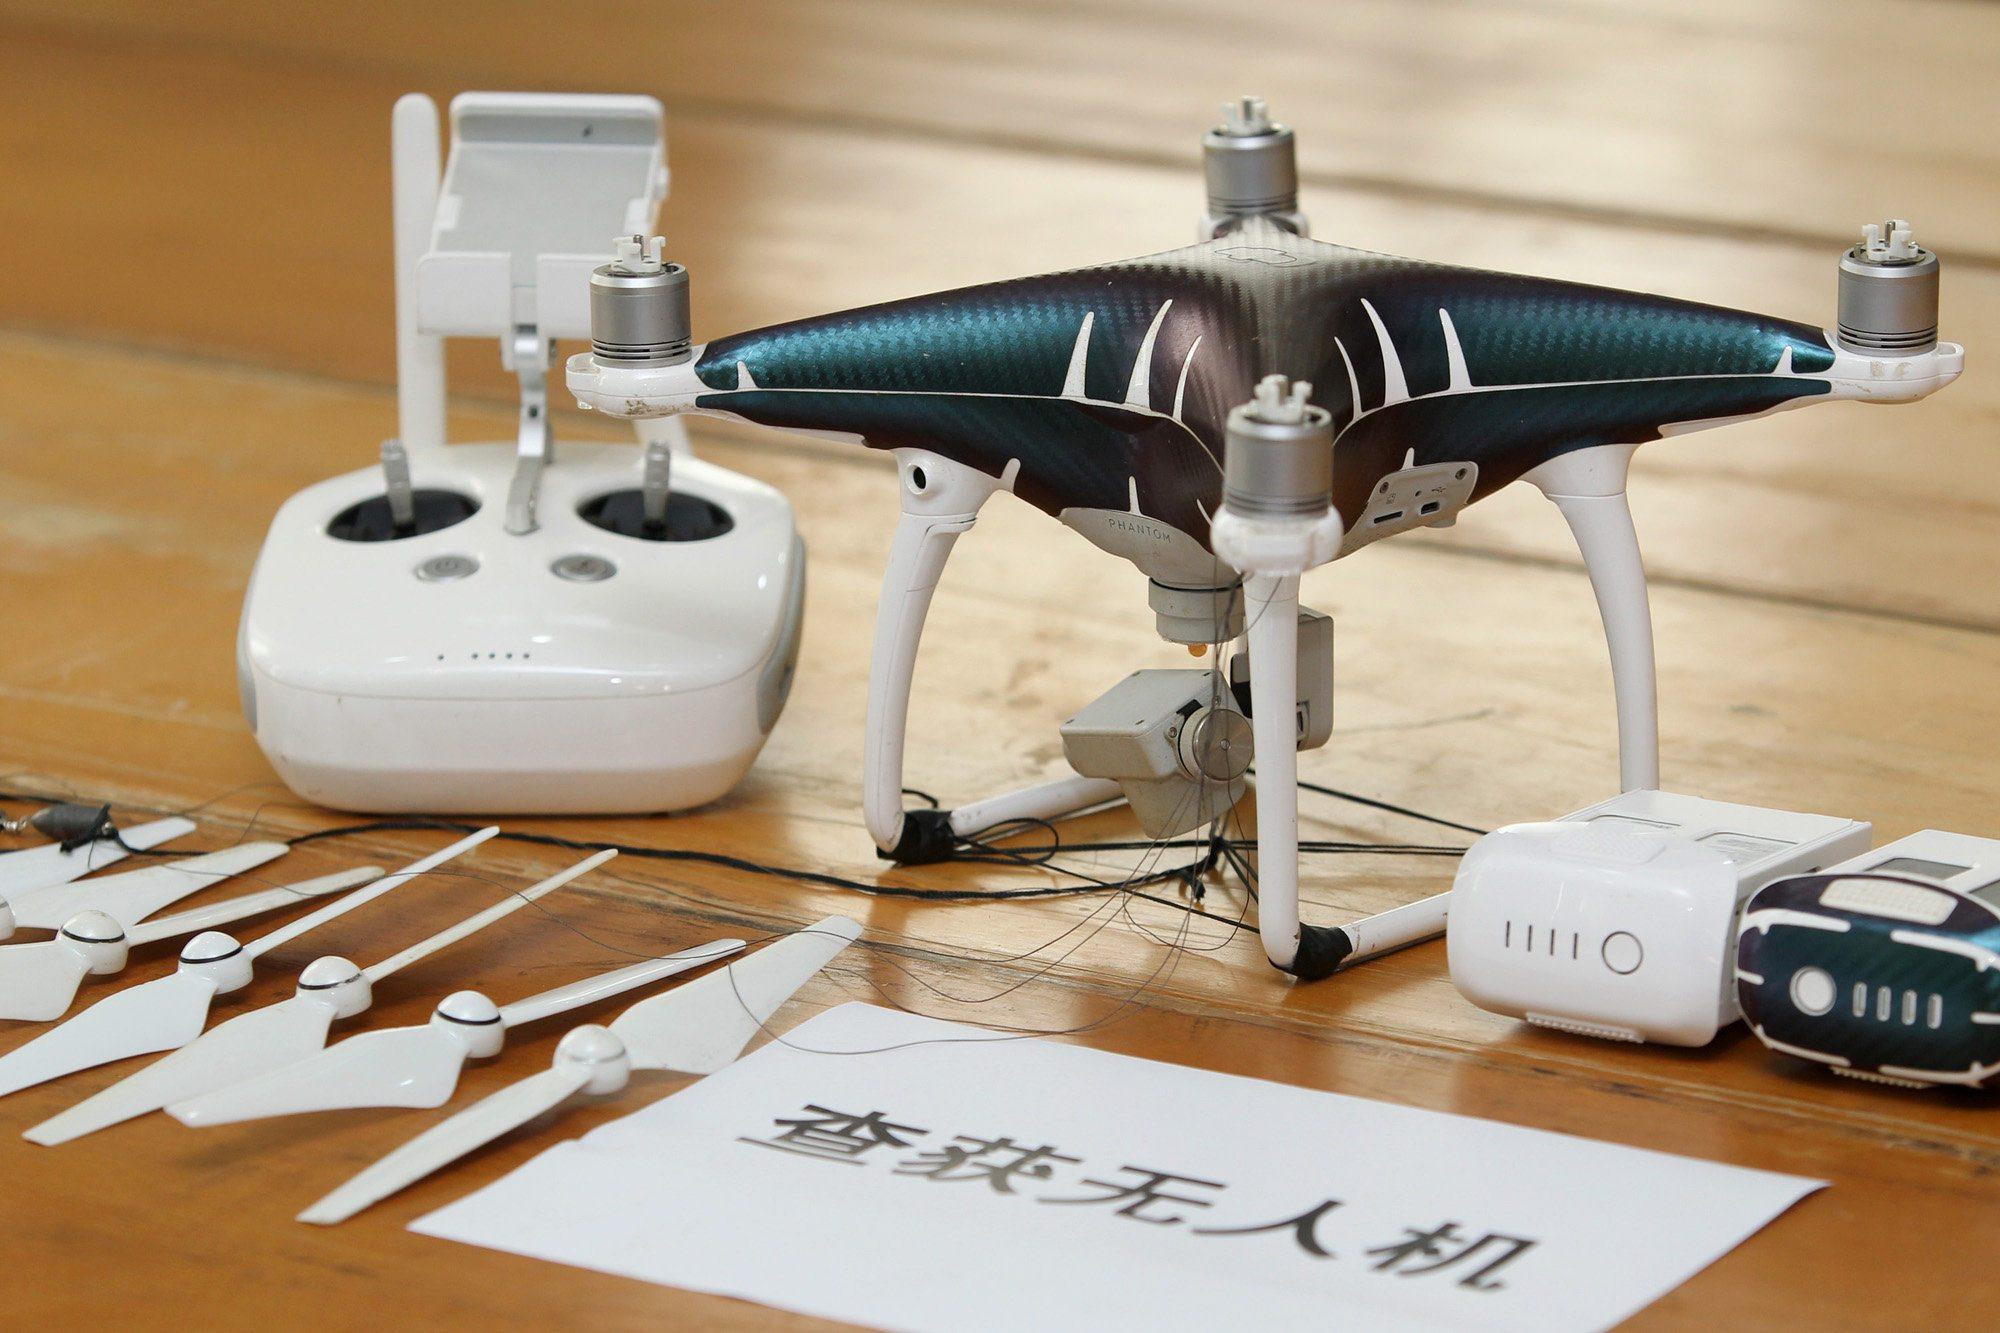 Konfiscirani dron